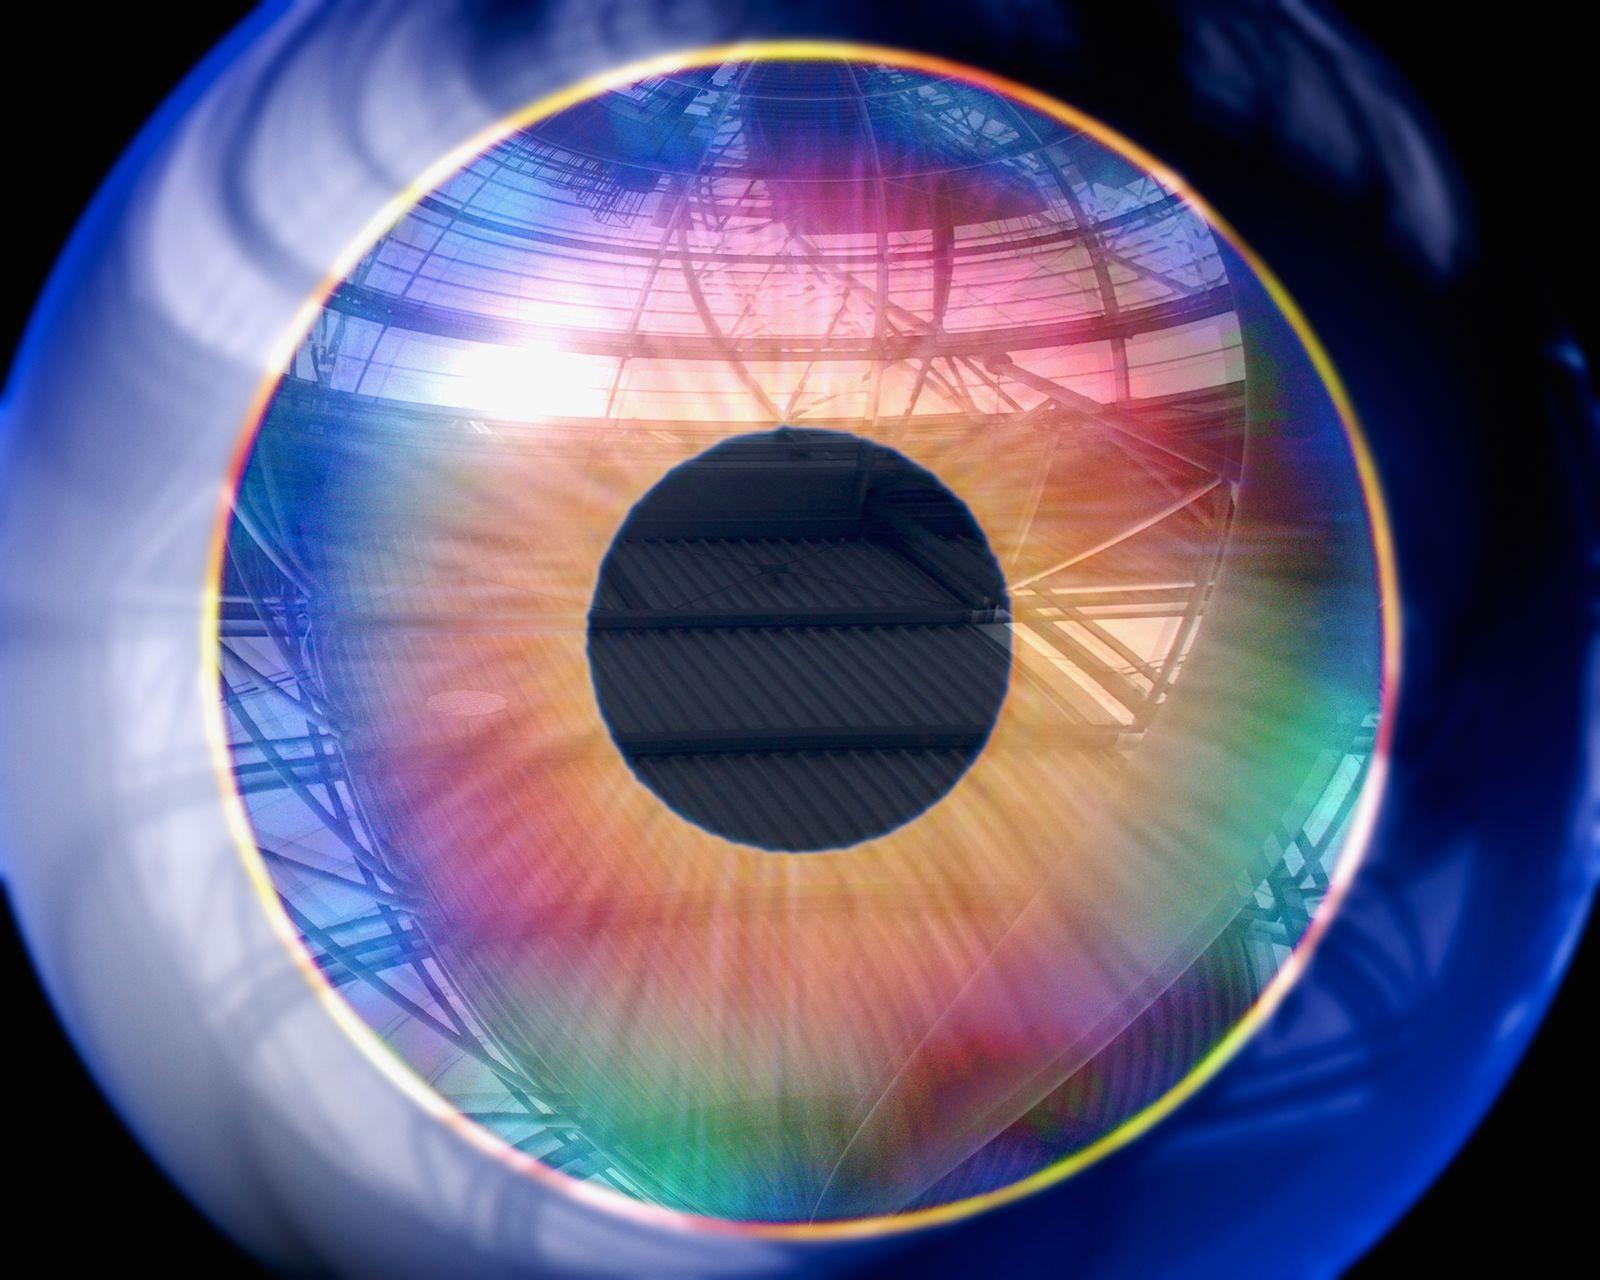 NICHT MEHR VERWENDEN! - Symbol/ Auge/ Iris/ RCS/ Glaskörper